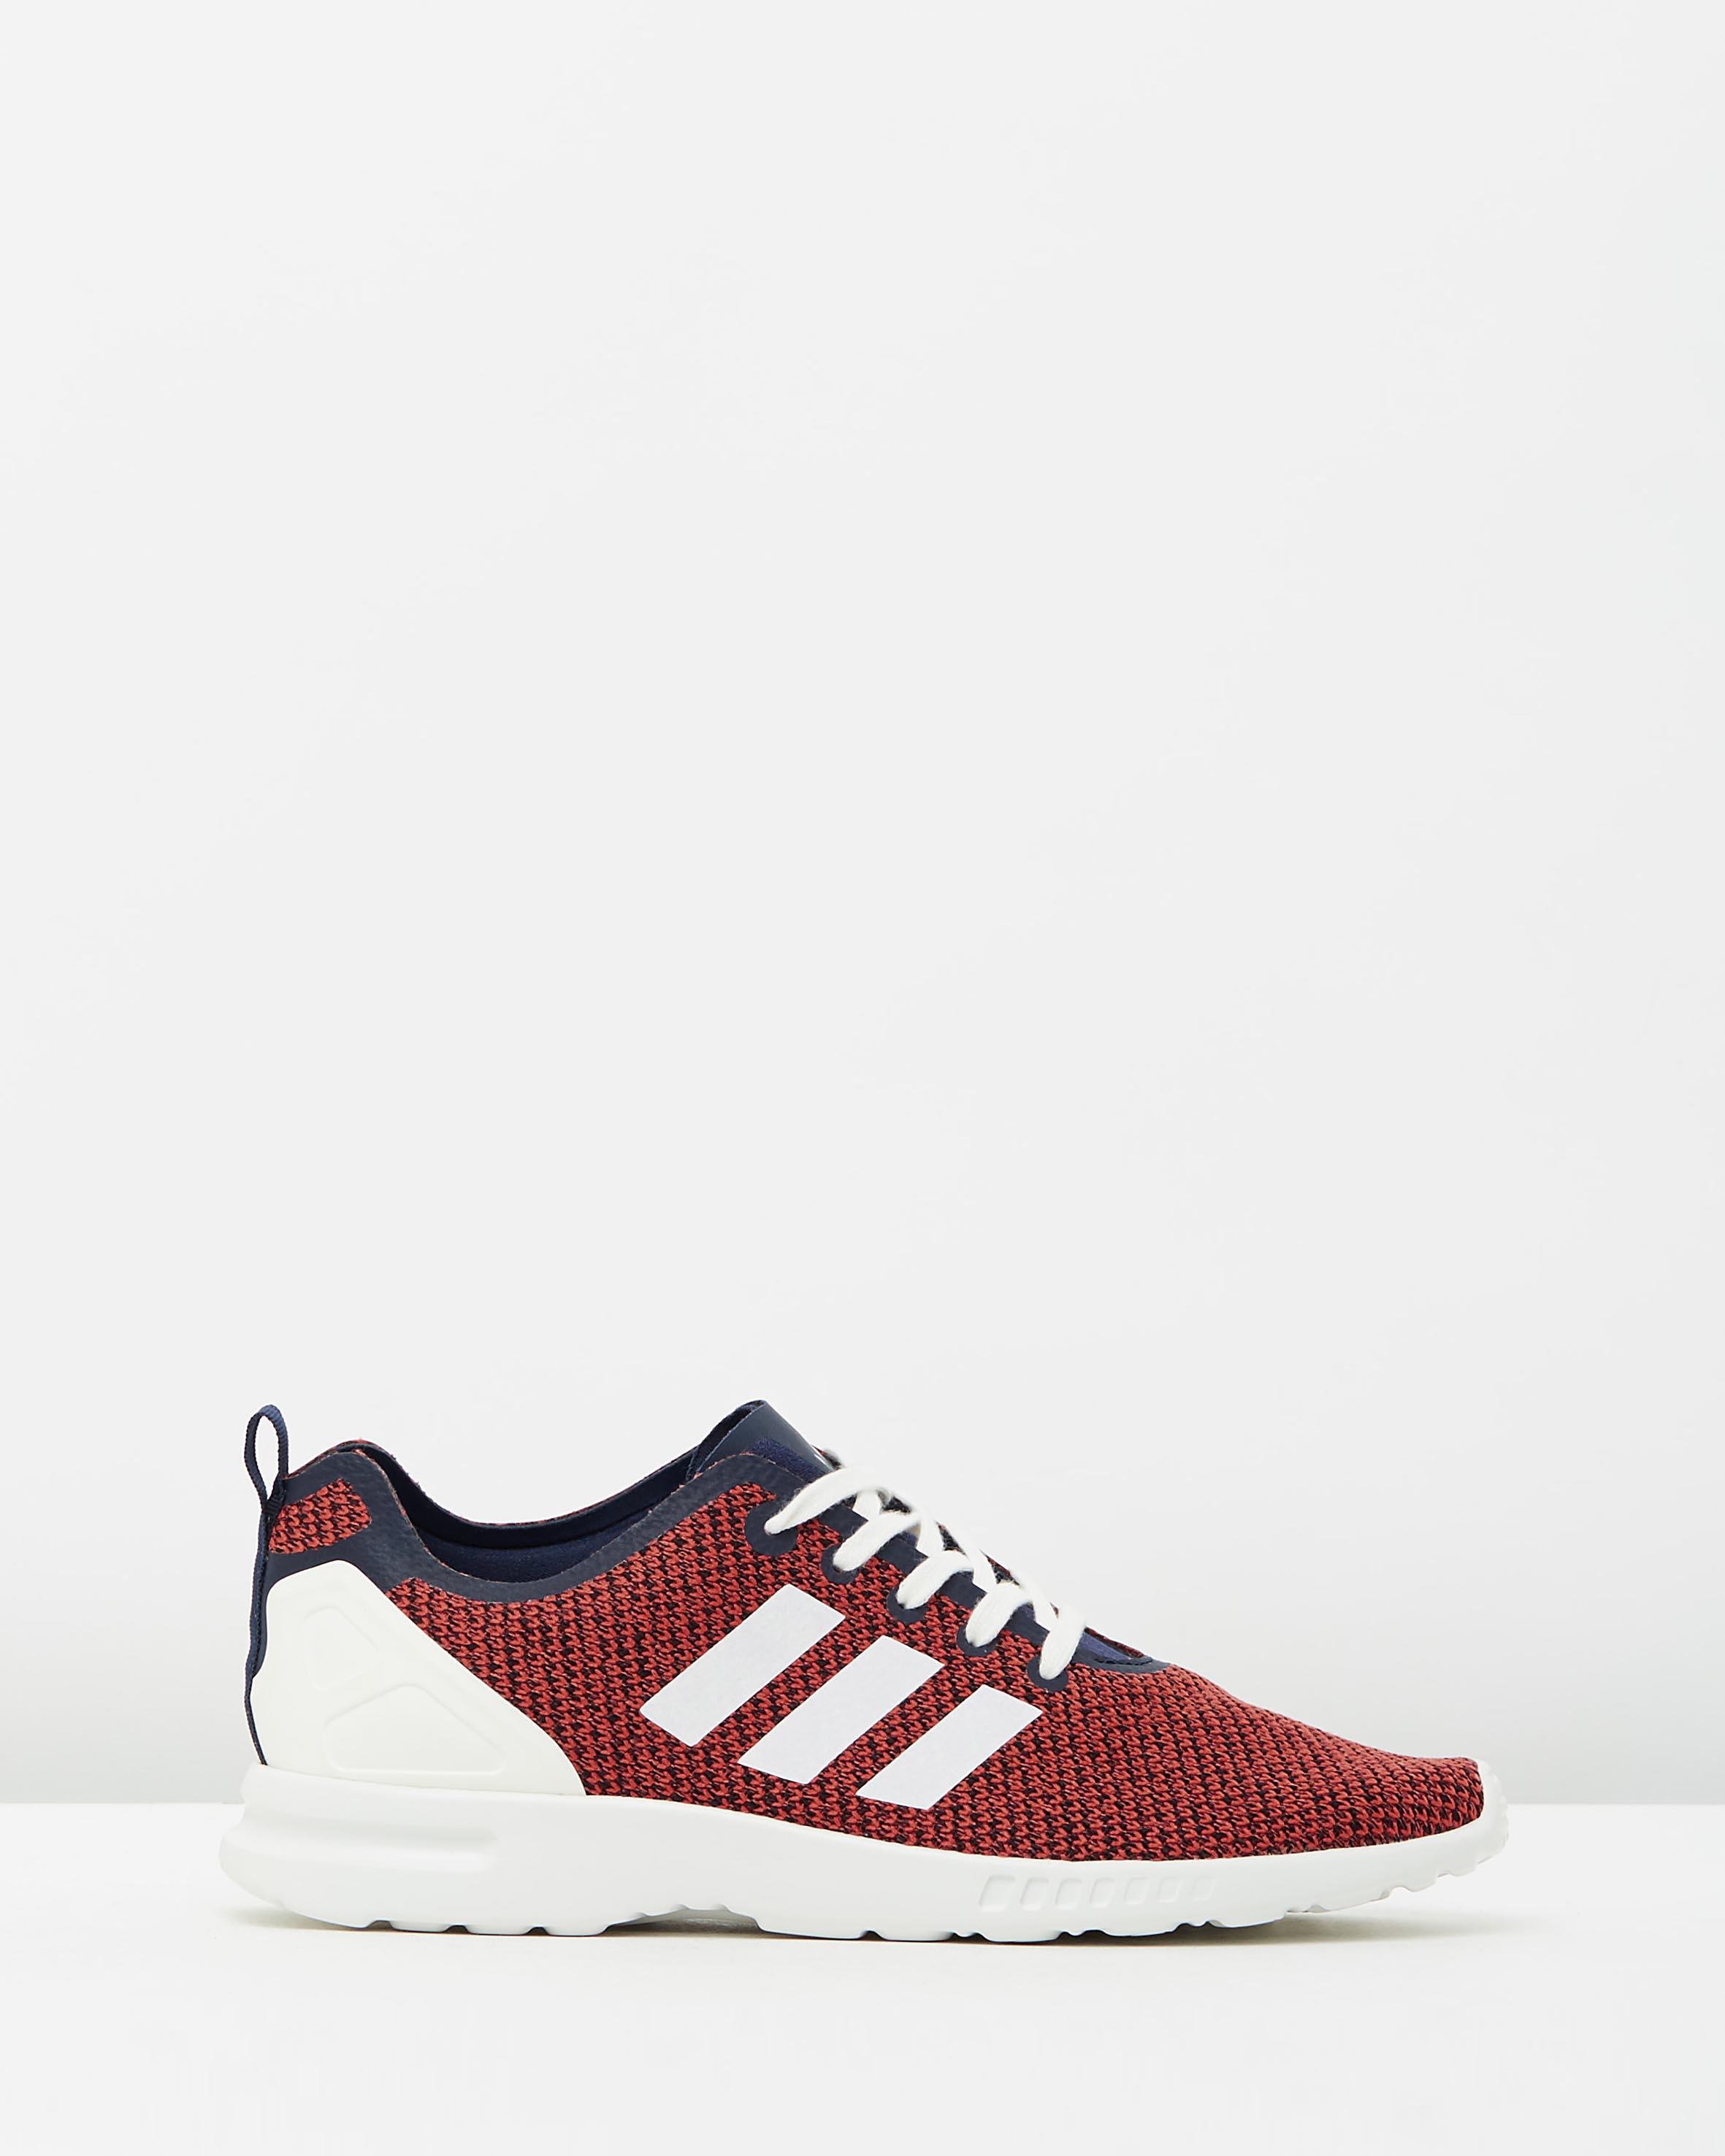 best website 1643e e5db5 Adidas Women's ZX Flux Adv Smooth W